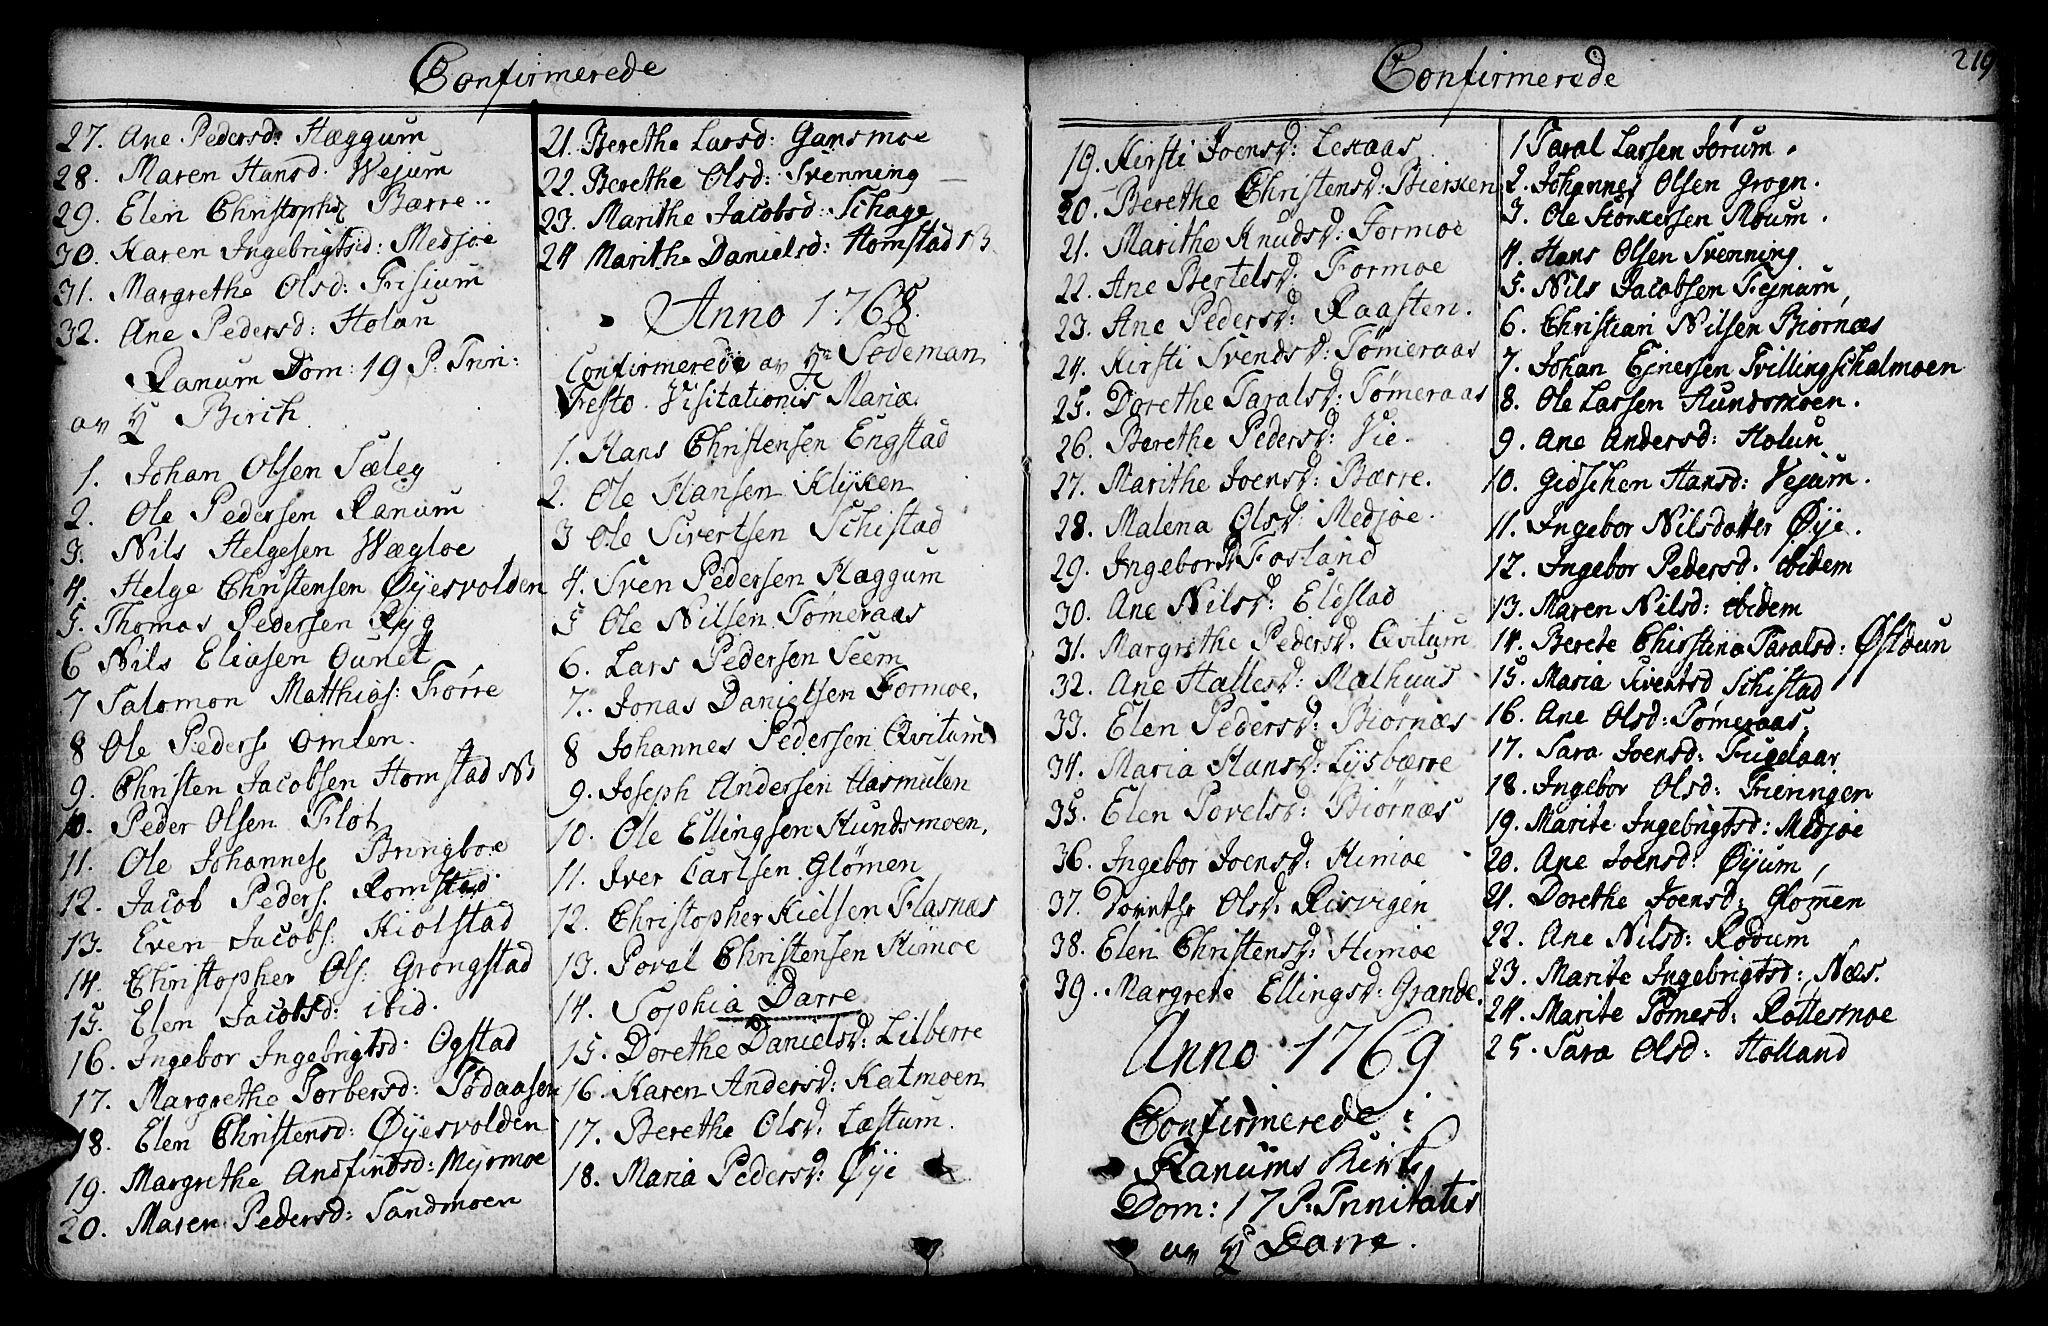 SAT, Ministerialprotokoller, klokkerbøker og fødselsregistre - Nord-Trøndelag, 764/L0542: Ministerialbok nr. 764A02, 1748-1779, s. 219